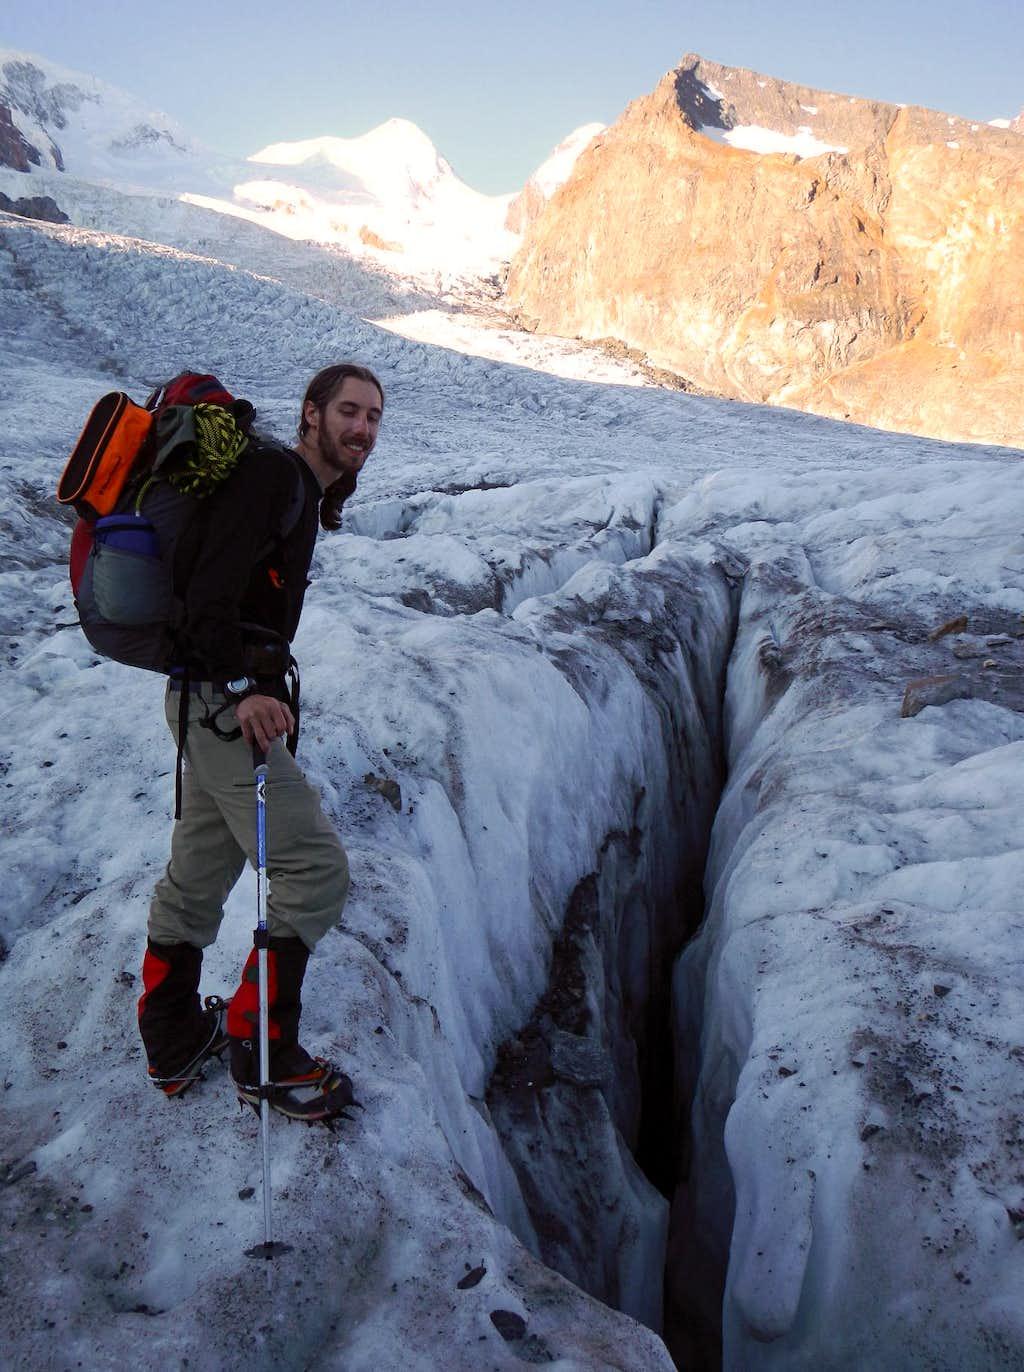 Castor Above - Crevasse Below